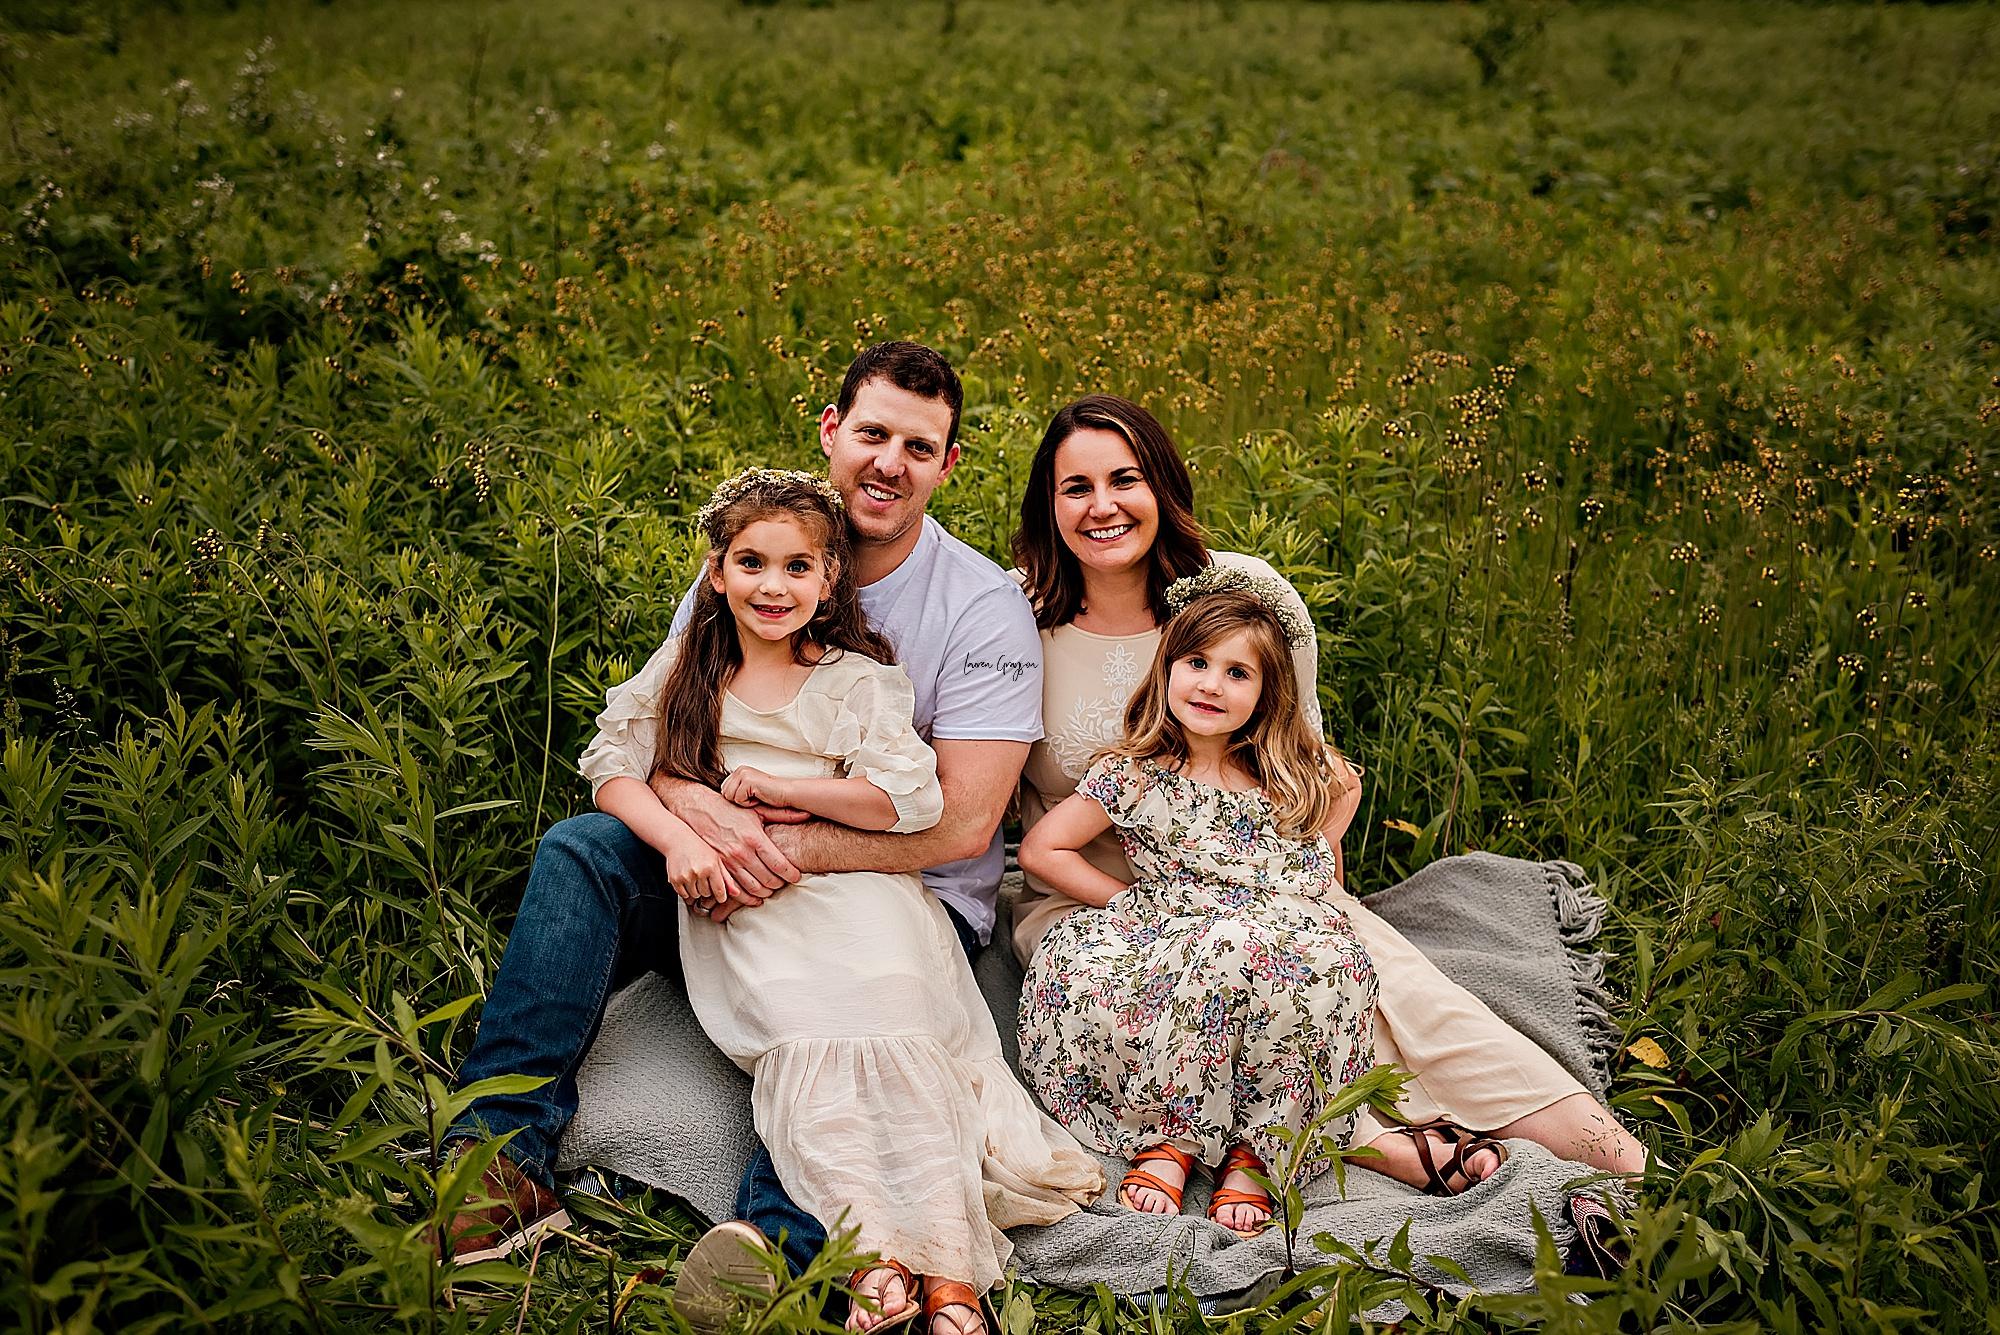 lauren-grayson-photography-akron-ridenour-family-summer-fields-sunset-session_0028.jpg